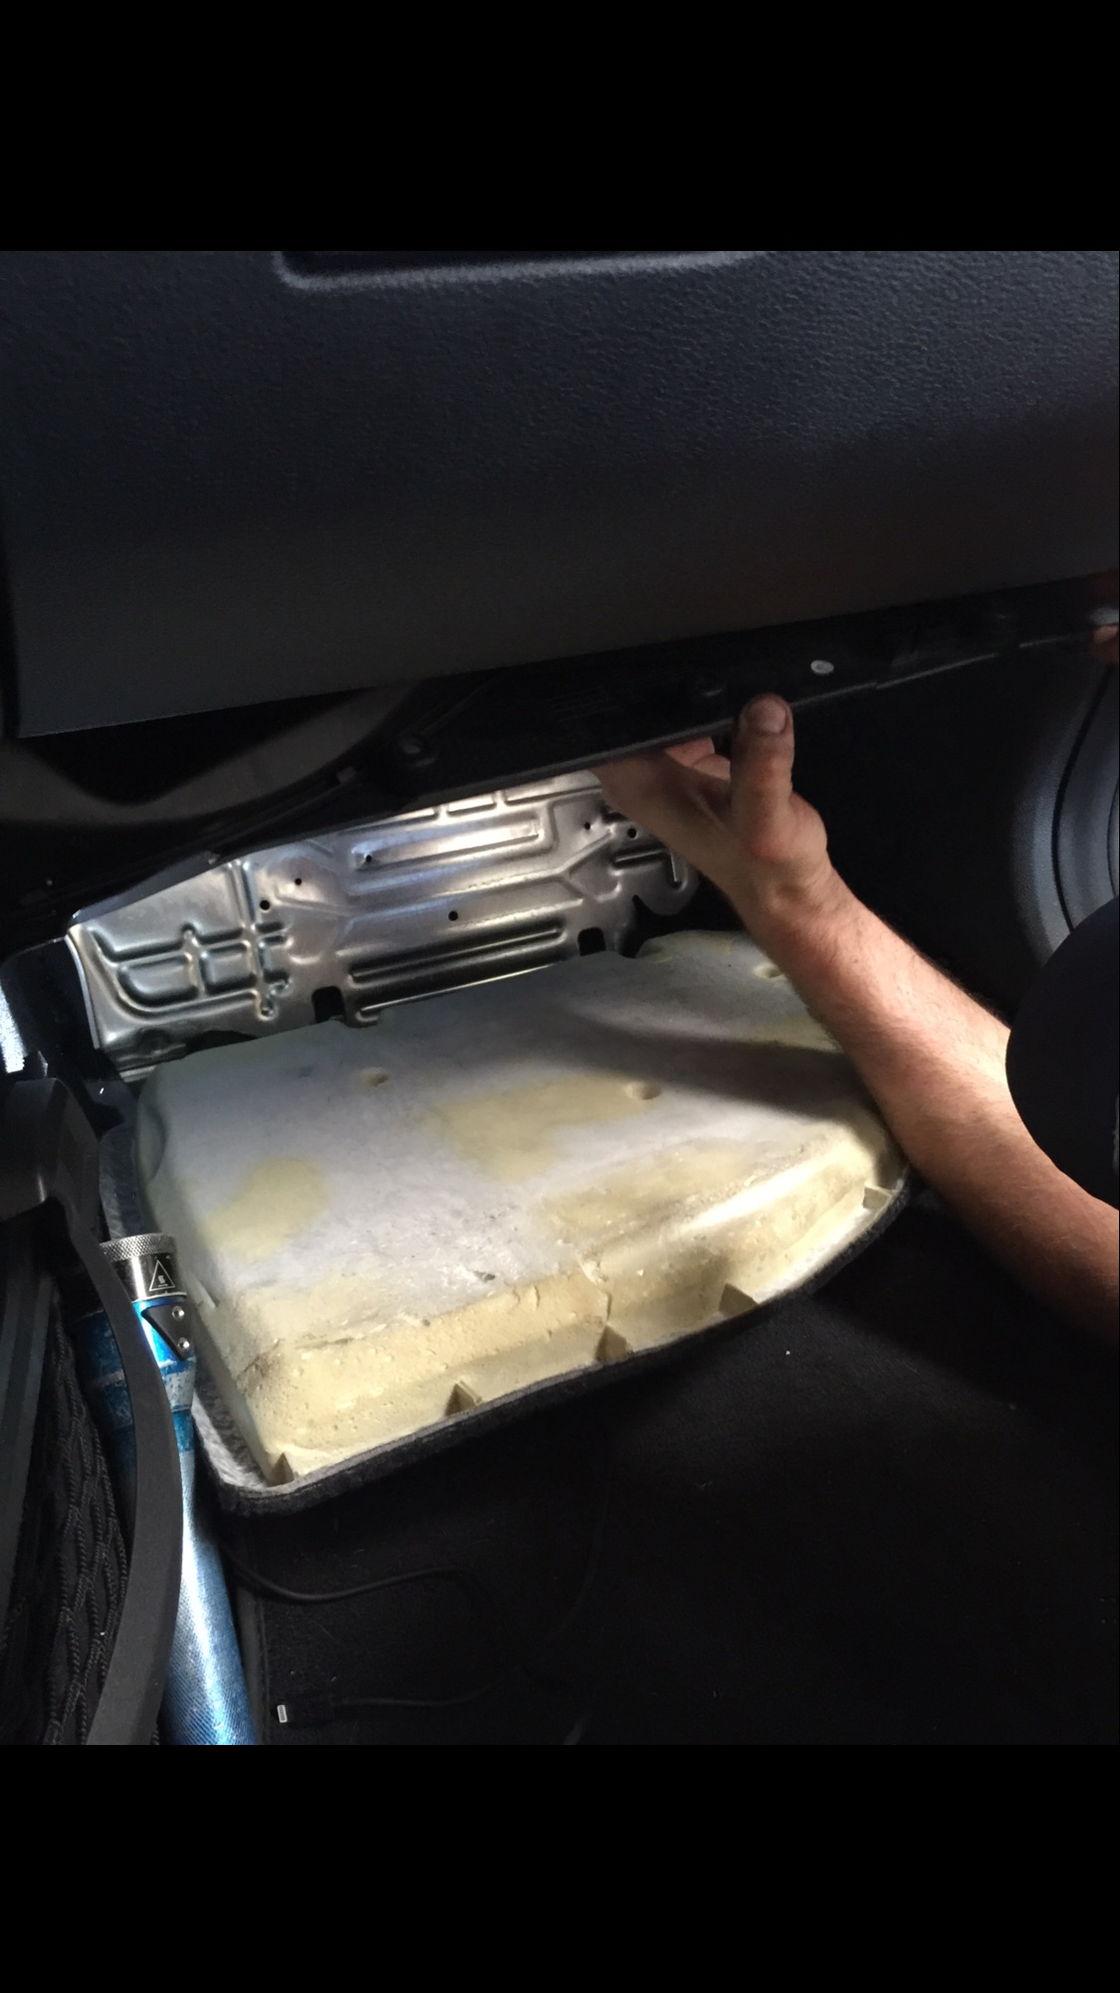 Cabin air filter replacement mercedes benz e350 youtube for Mercedes benz e350 cabin air filter